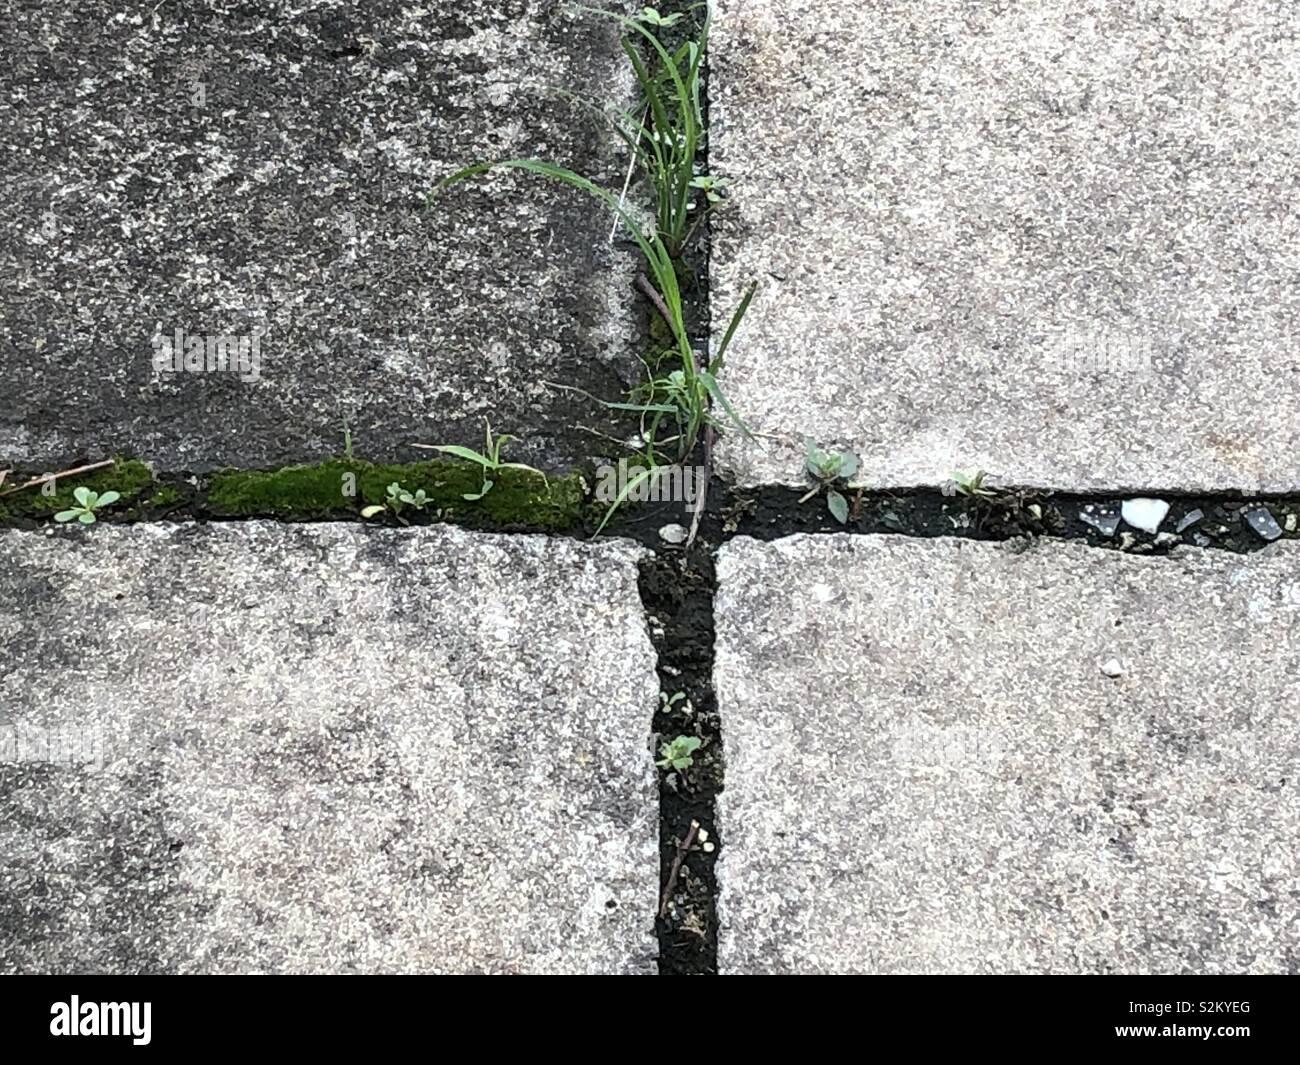 Textura cimento com grama no meio - Stock Image